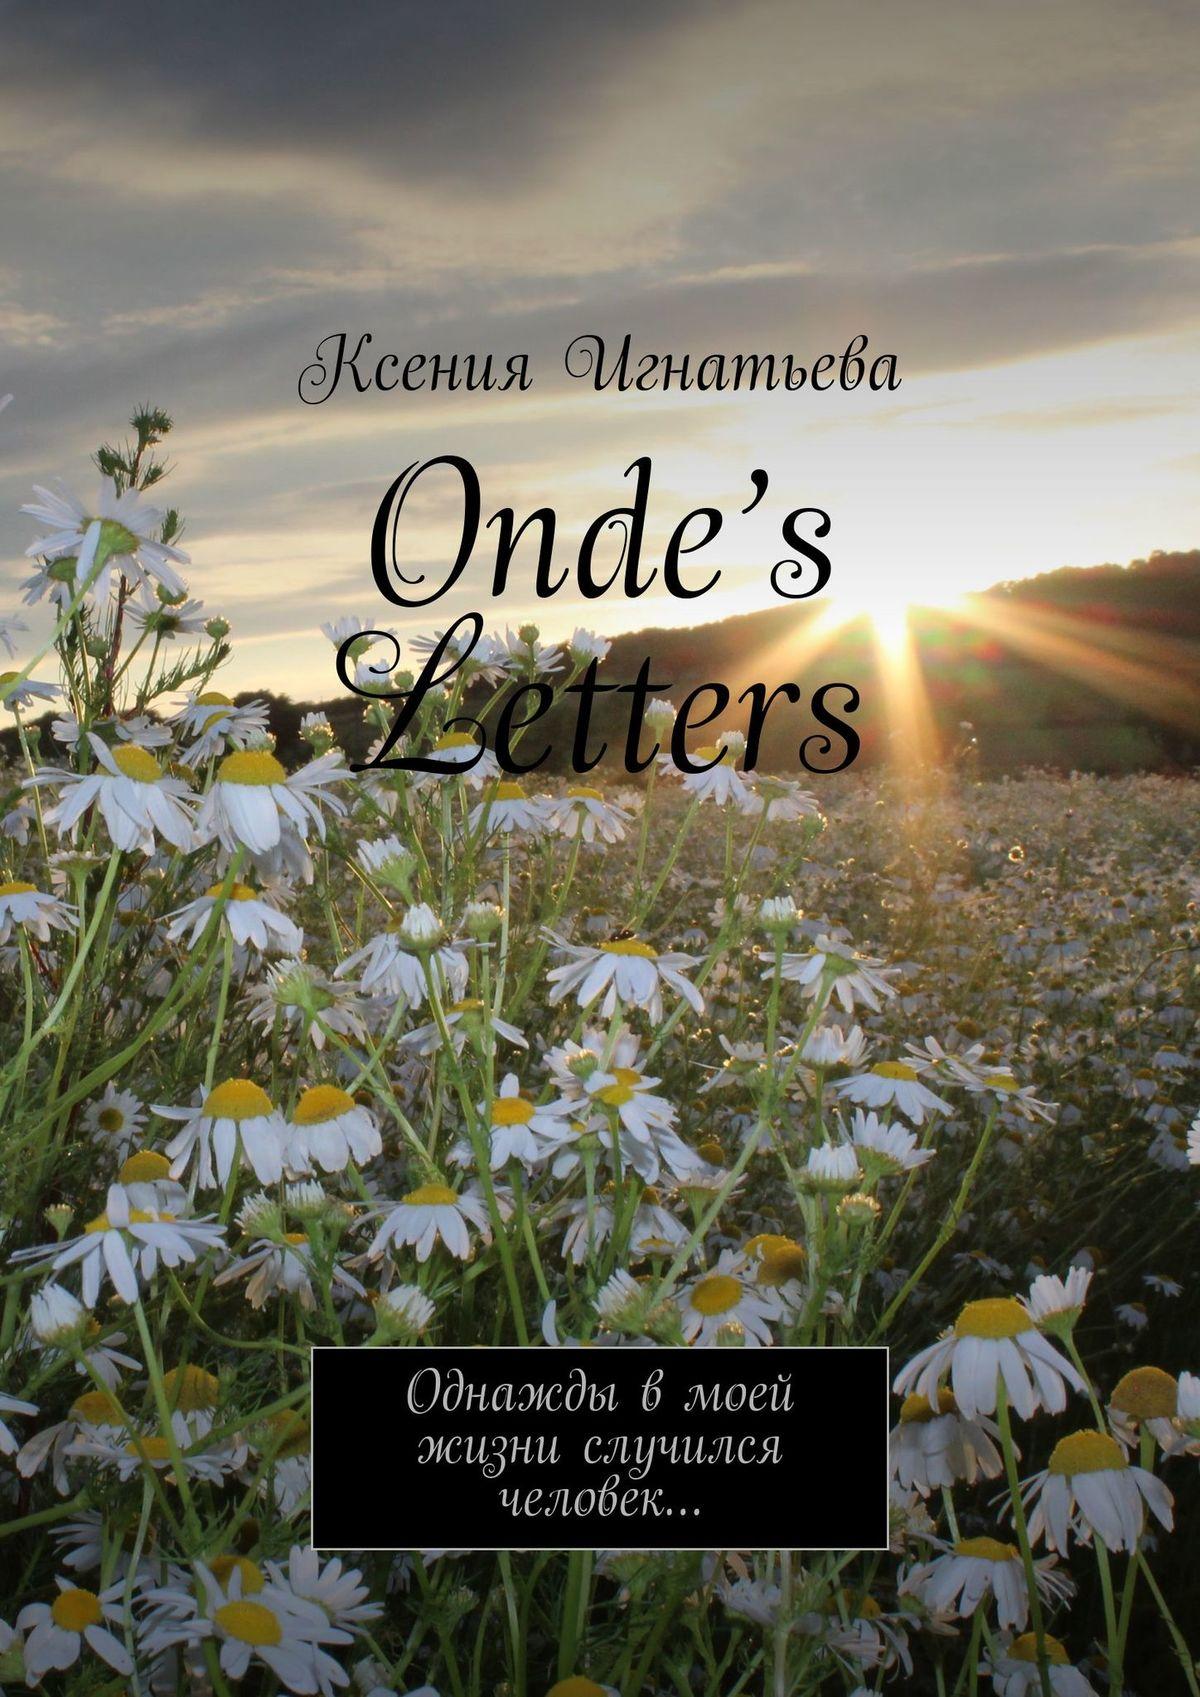 Ксения Игнатьева Onde's Letters. Однажды в моей жизни случился человек… письма любви